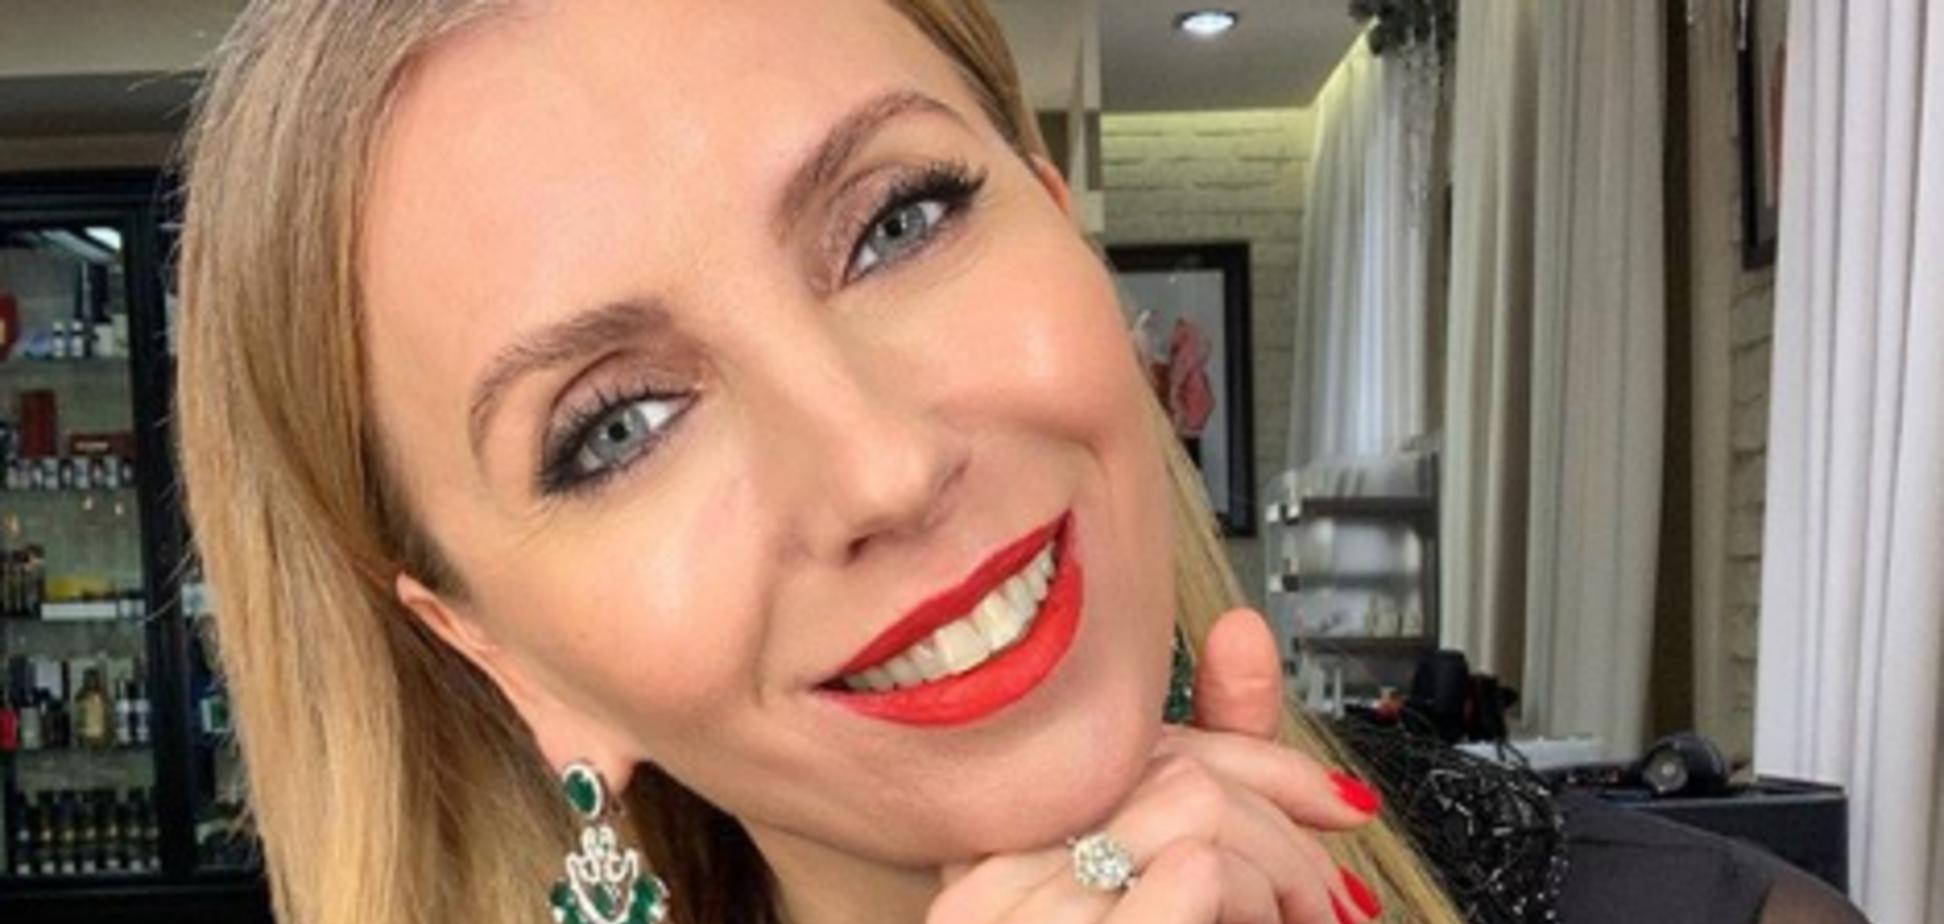 'Отвратительно и некрасиво': 50-летнюю экс-жену Бондарчука разнесли за откровенное фото